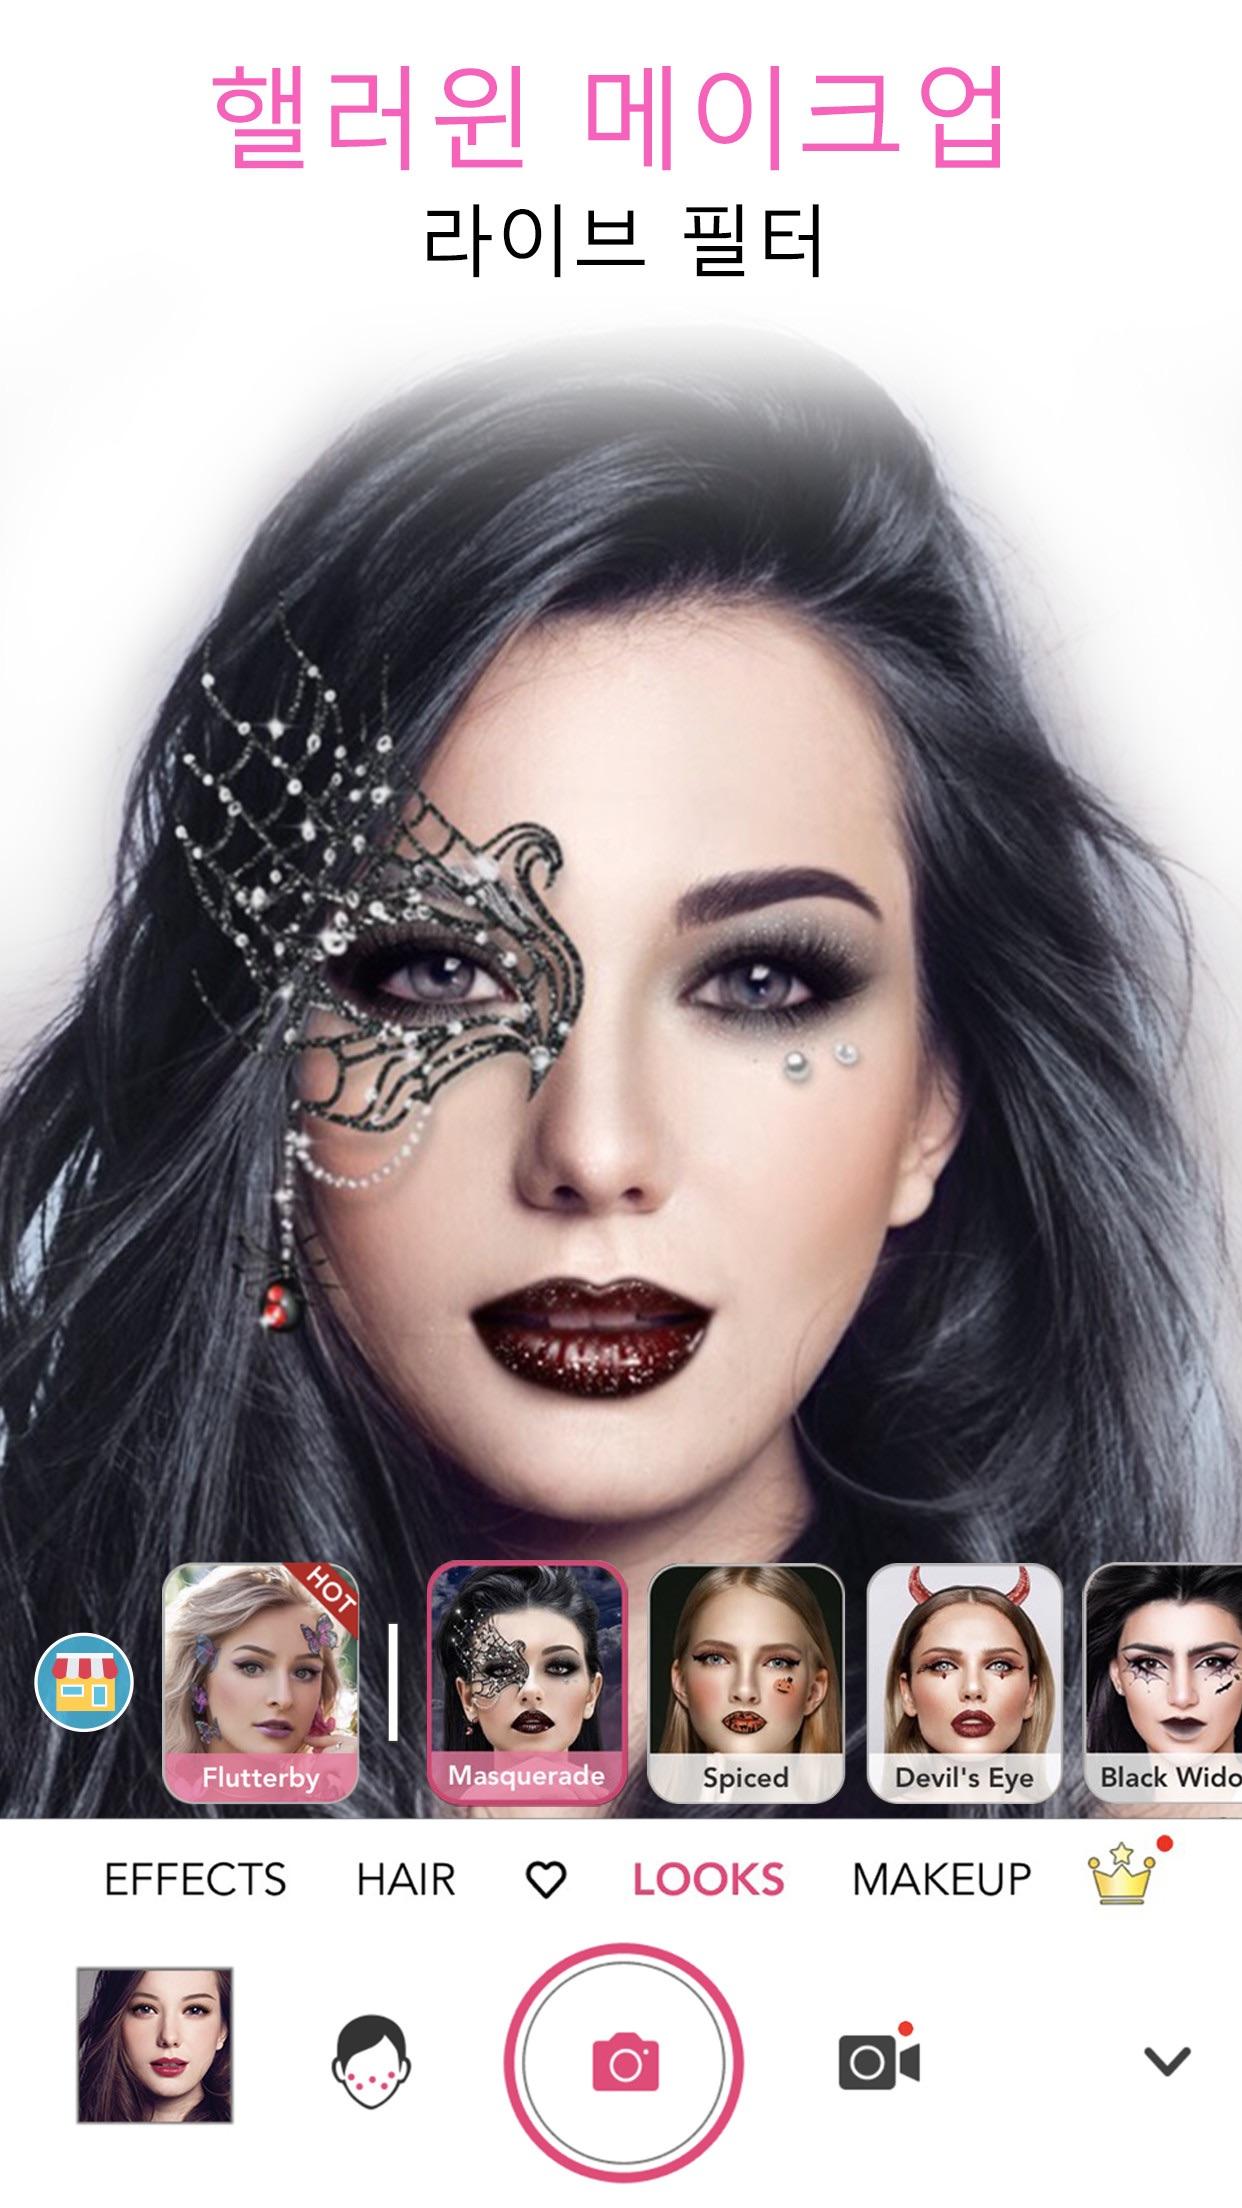 YouCam Makeup - 셀카 메이크업 캠 Screenshot